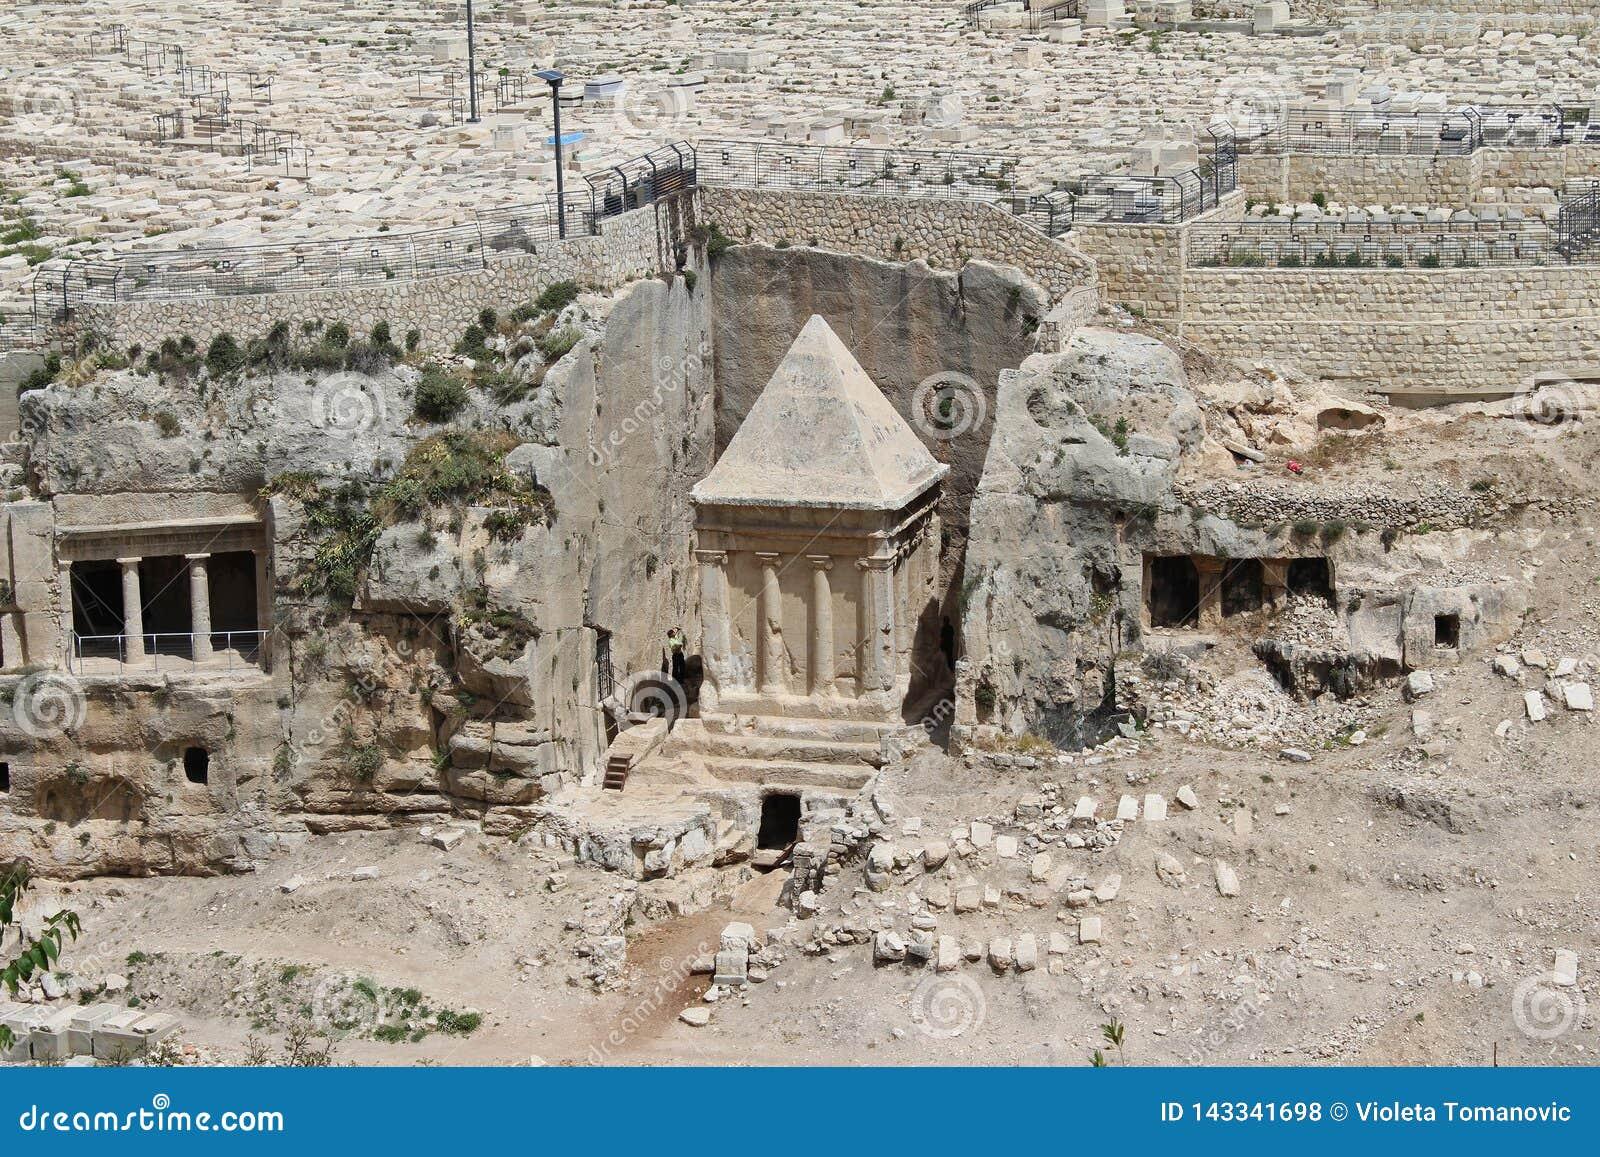 Dit overladen graf in de begraafplaats behoort tot Zachariah ben Jehoiada, de vader van John Doopsgezind, het Onderstel van Olijv